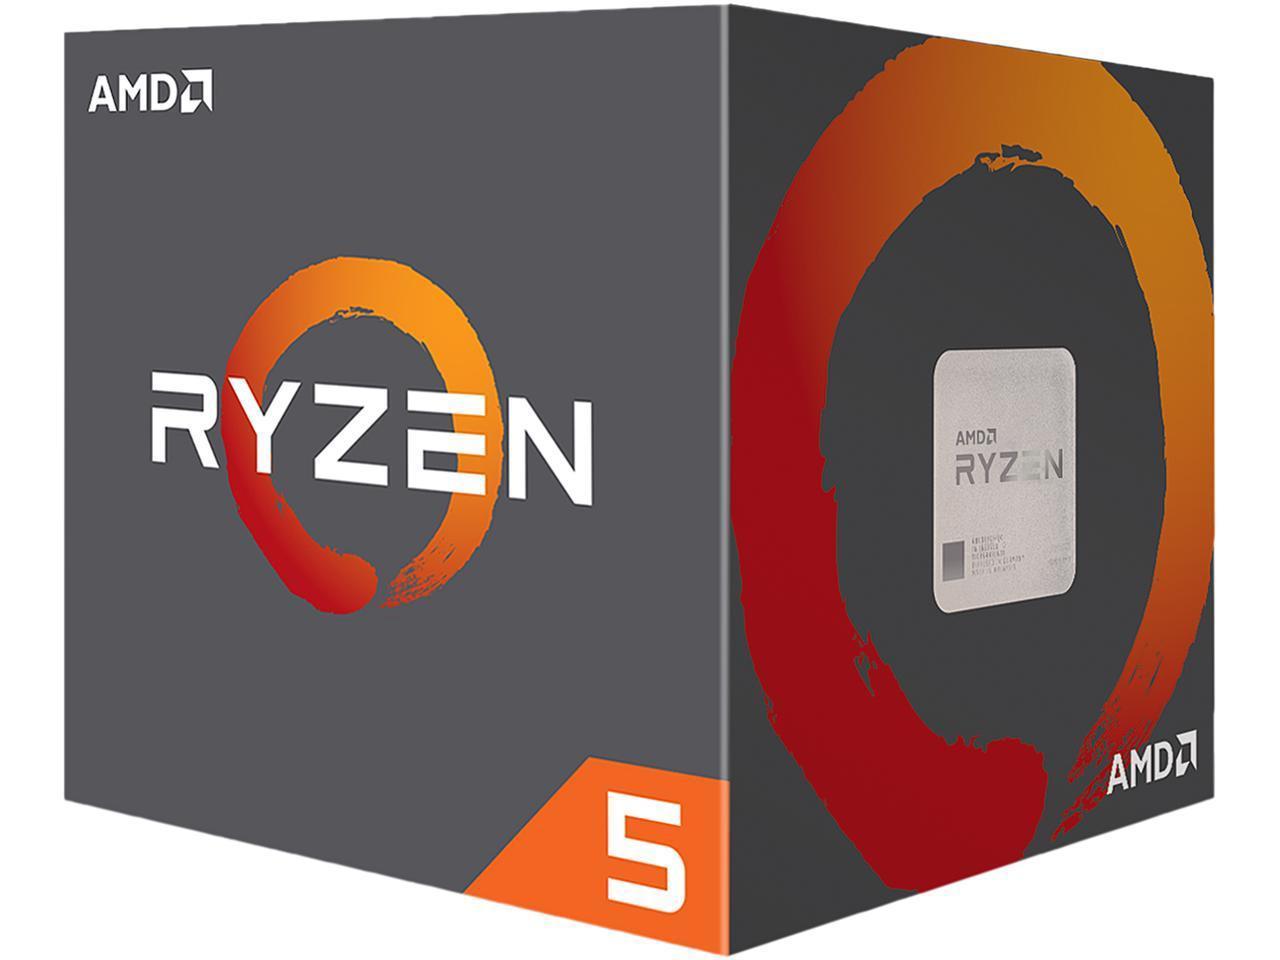 Ryzen 2600 + GIGABYTE GA-AB350-GAMING 3 (rev. 1.0) $210 after $10 MIR $220